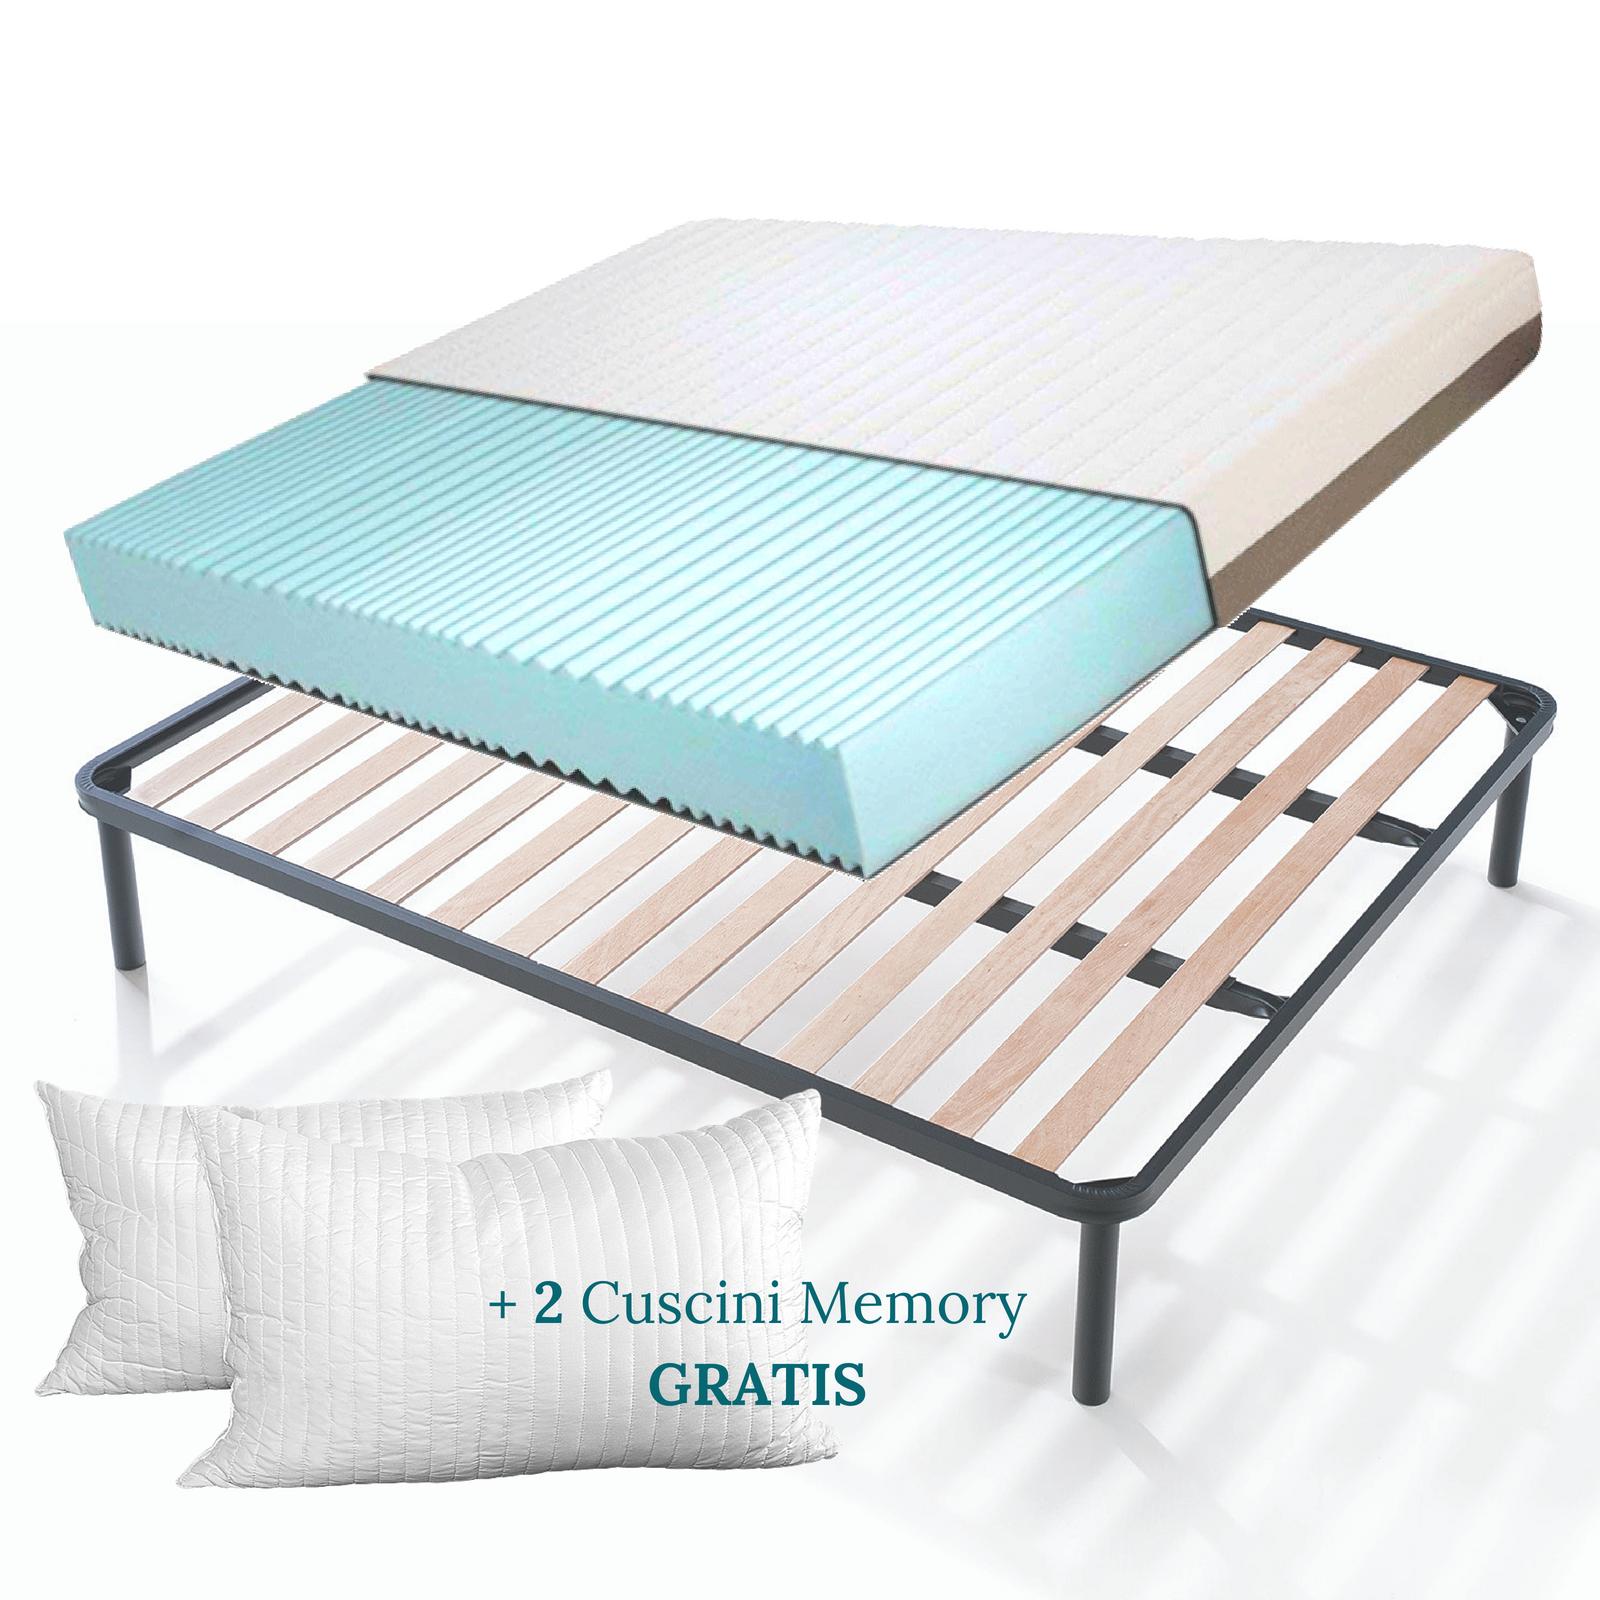 Kit rete e materasso memory foam alto 20 cm con cuscini for Divano letto con materasso alto 20 cm